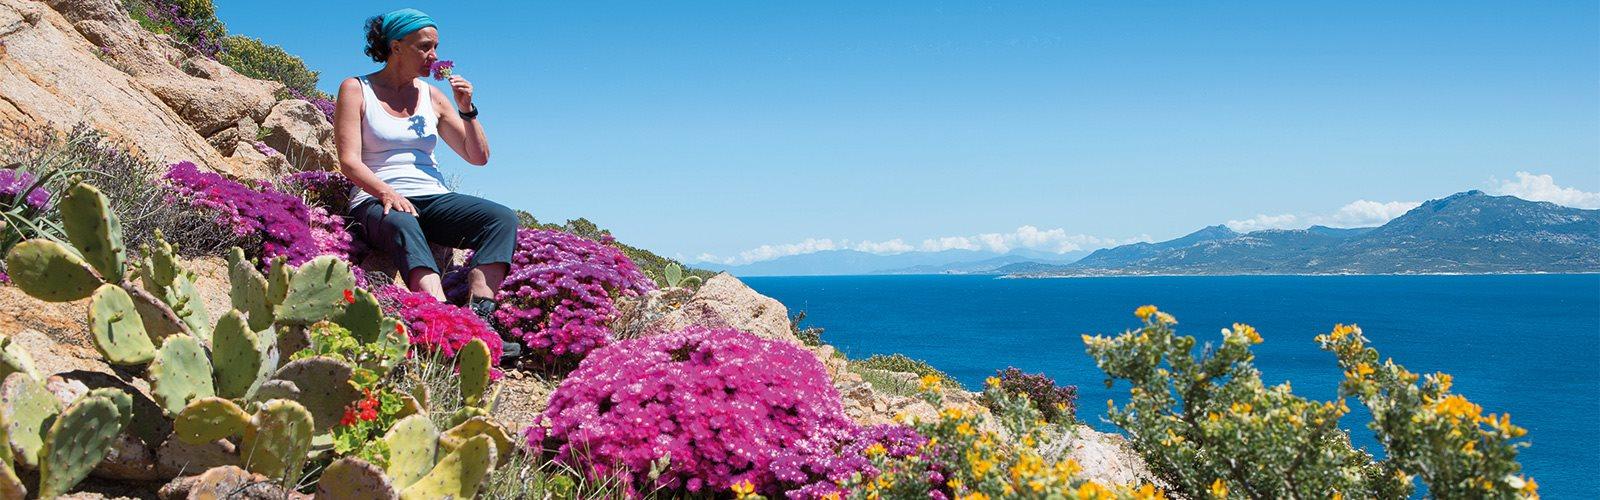 Frau sitzt auf Felsen in Korsika und riecht an Blume